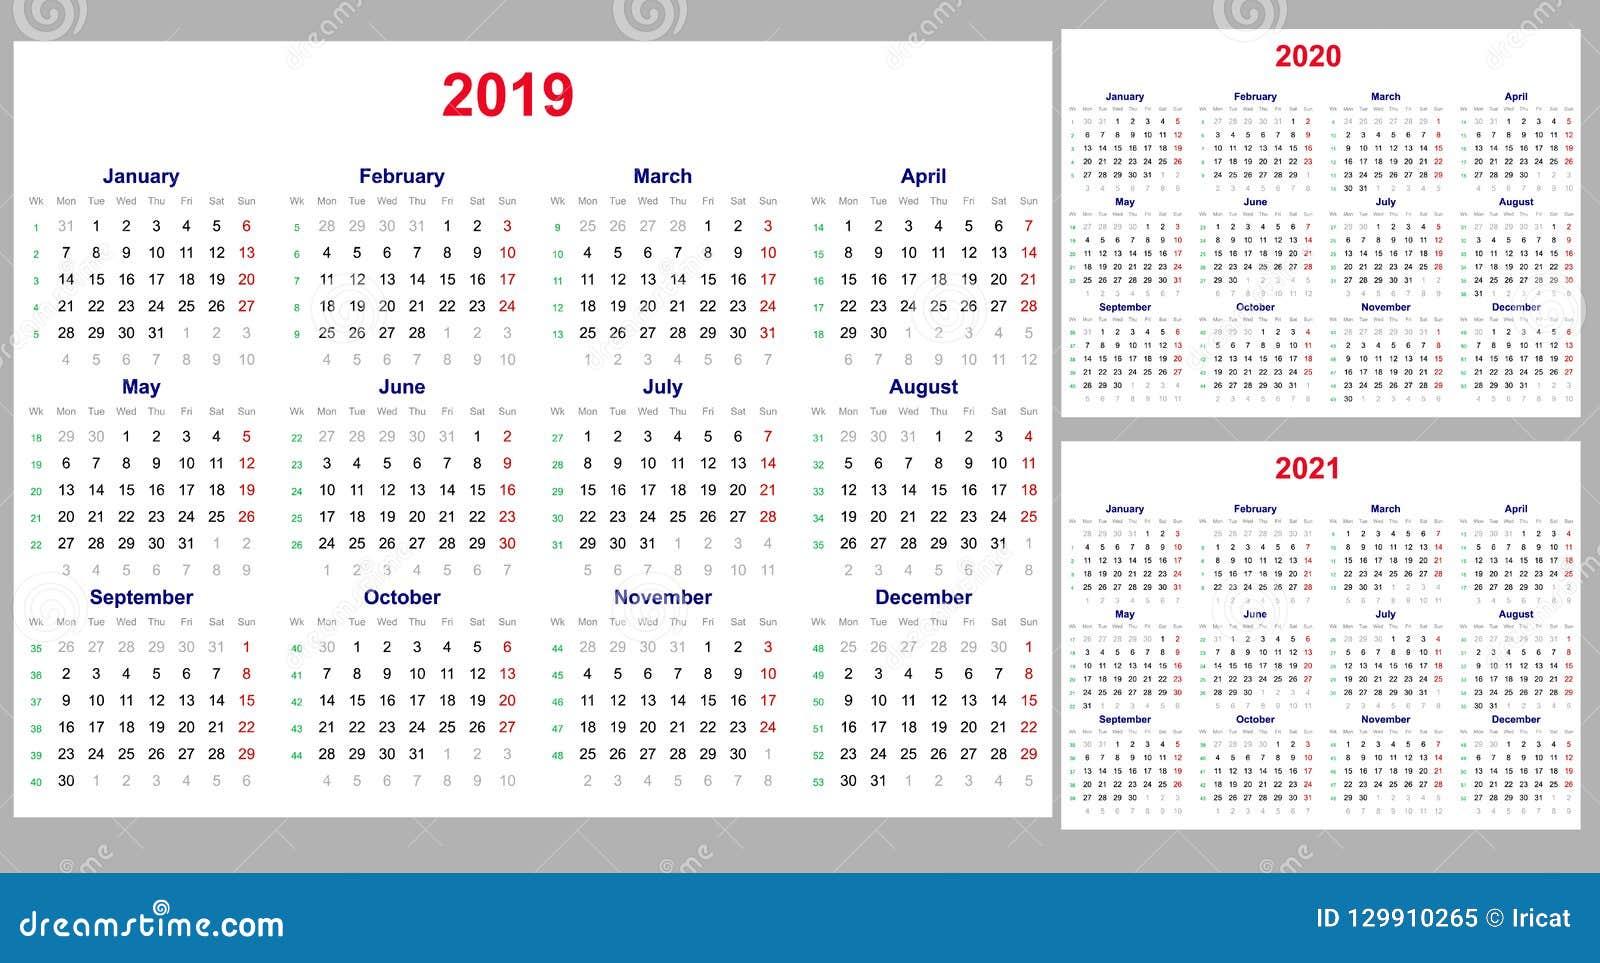 Calendario Por Semanas 2020.Rejilla Del Calendario Por 2019 2020 Y 2021 Anos Fijados El